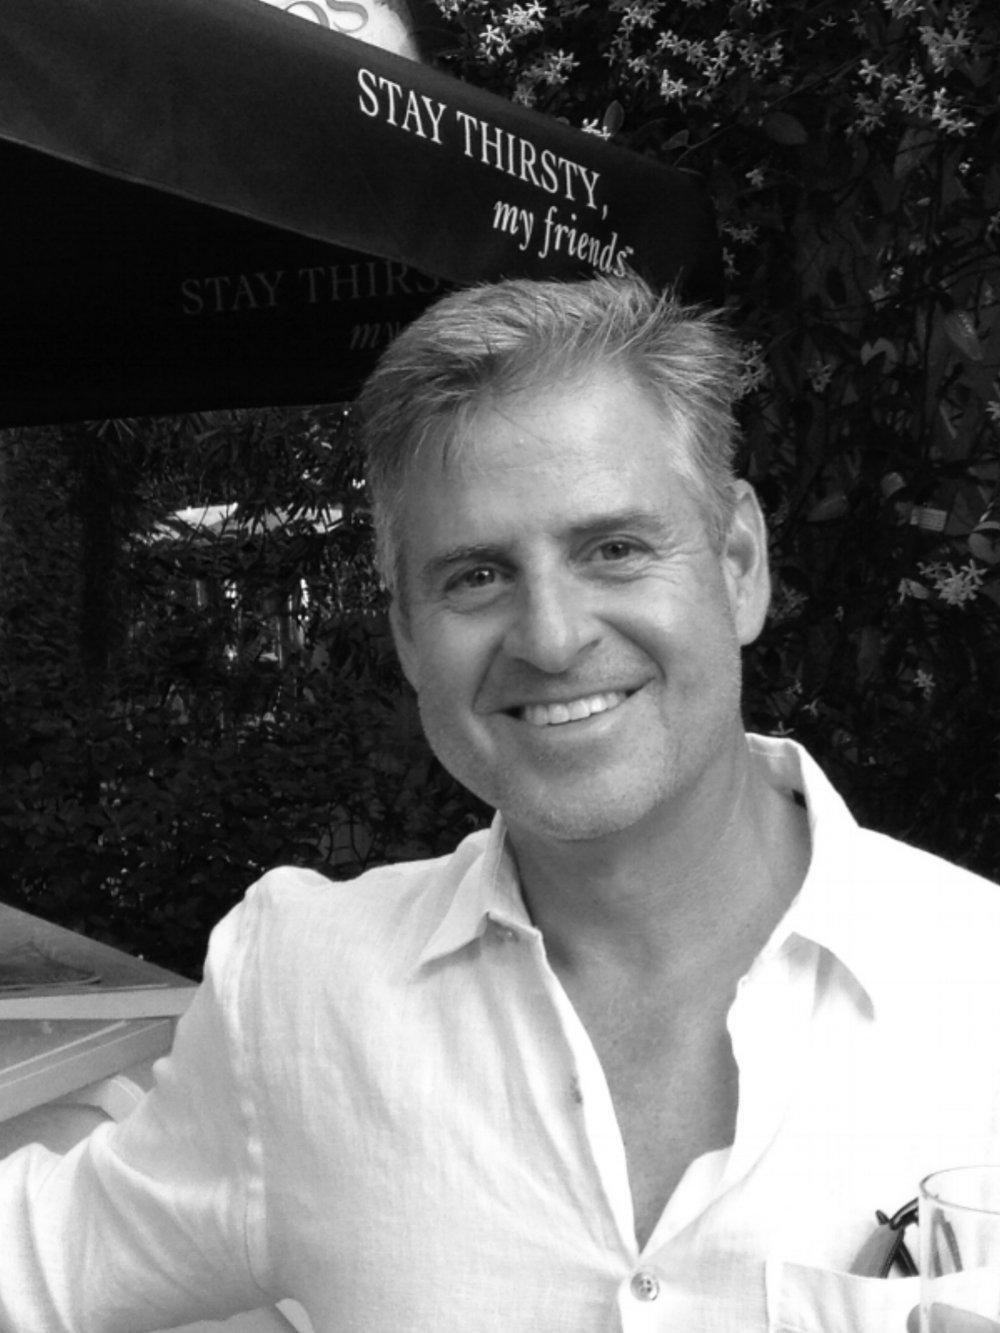 social-emote-company-founder-john-sims